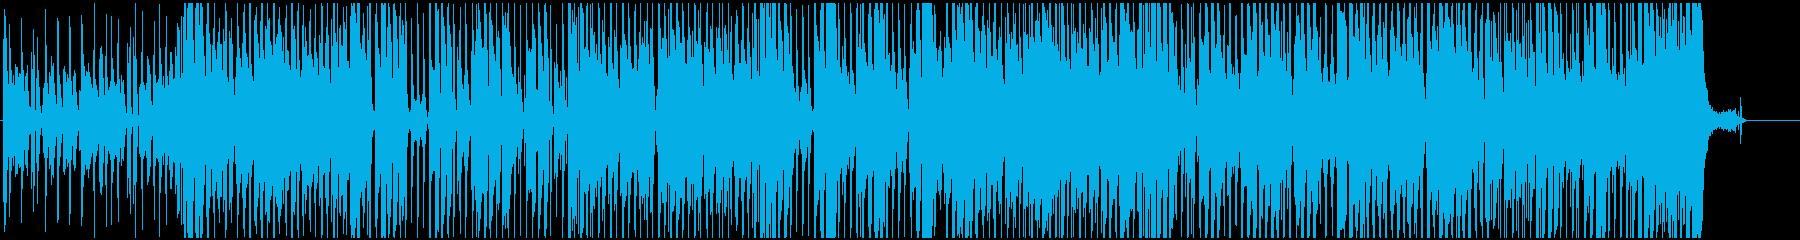 ノリノリで暖かい、ハッピーなBGMの再生済みの波形